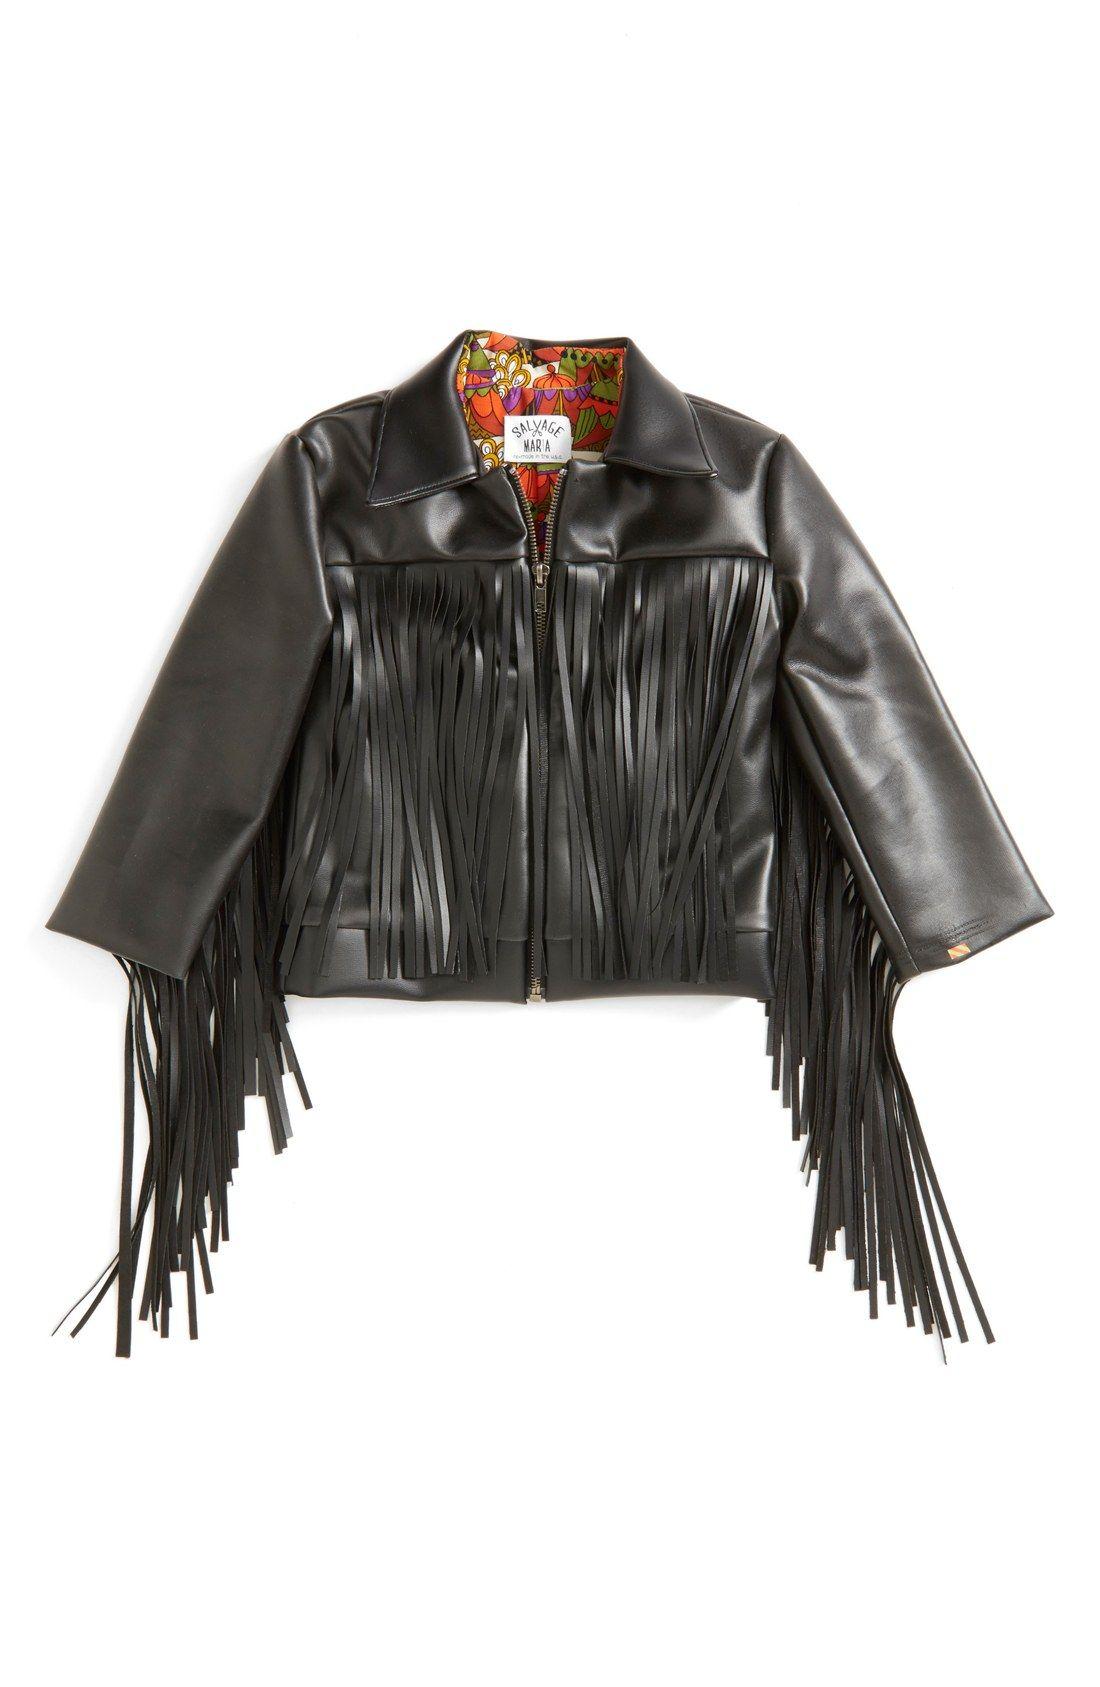 Tmrw Tgthr Pop In Nordstrom Nordstrom Fringe Leather Jacket Toddler Girl Fringe Rock Star Outfit [ 1687 x 1100 Pixel ]